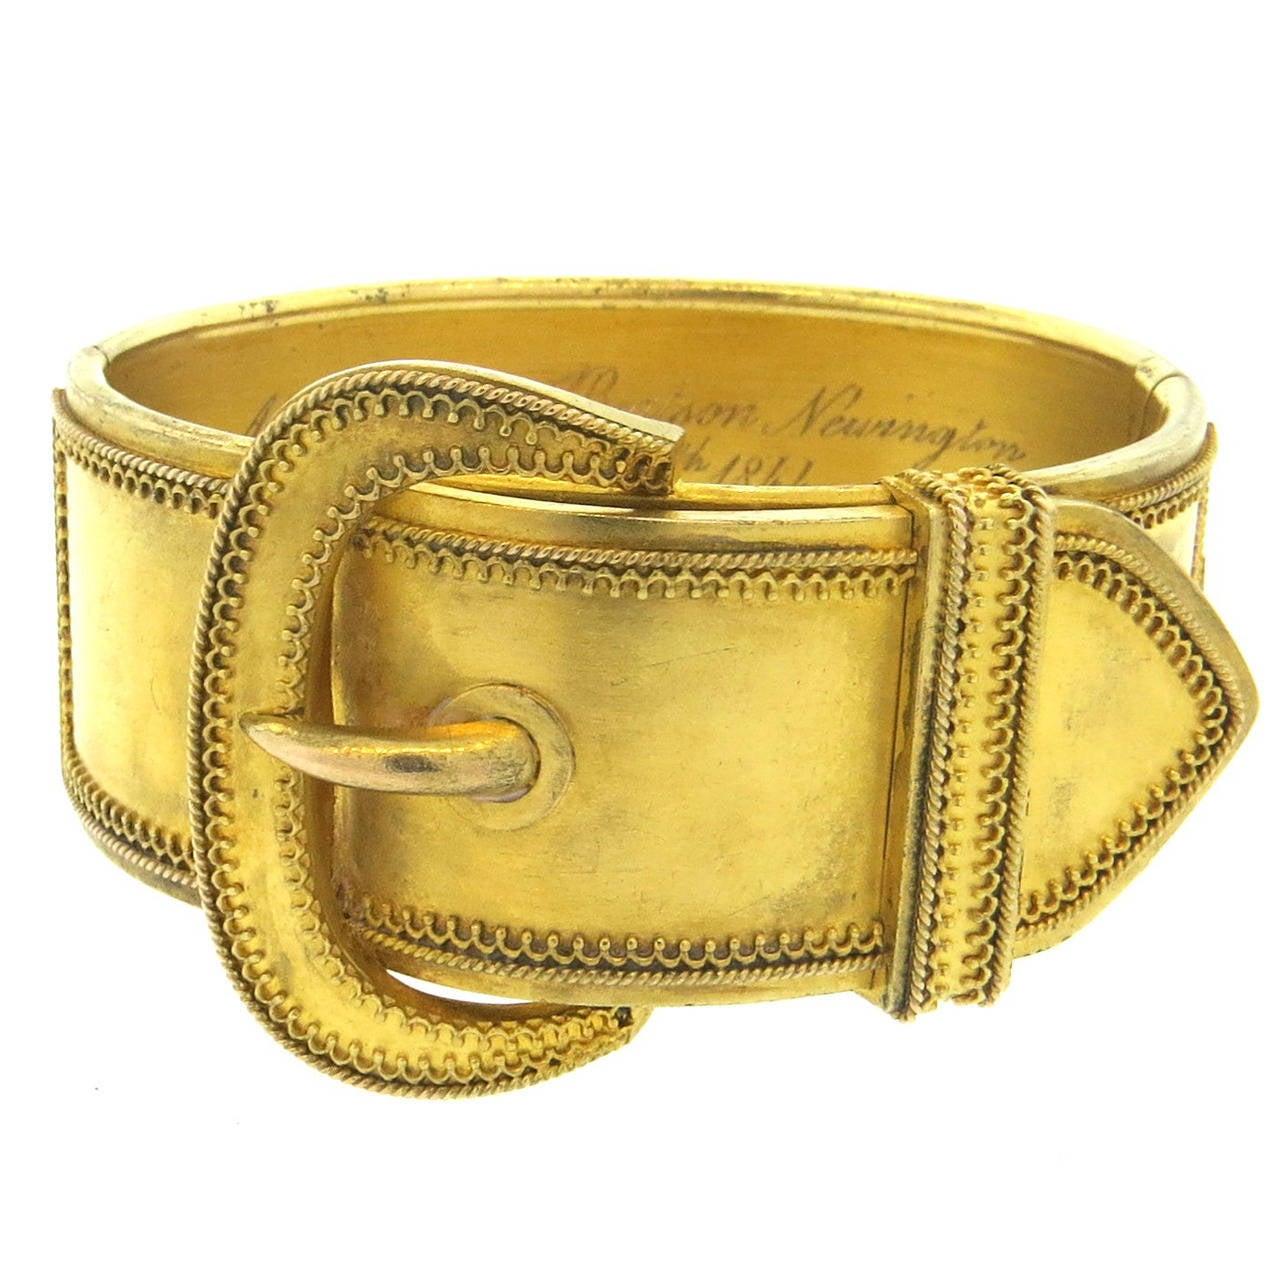 Antique Victorian Gold Buckle Bangle Bracelet At 1stdibs